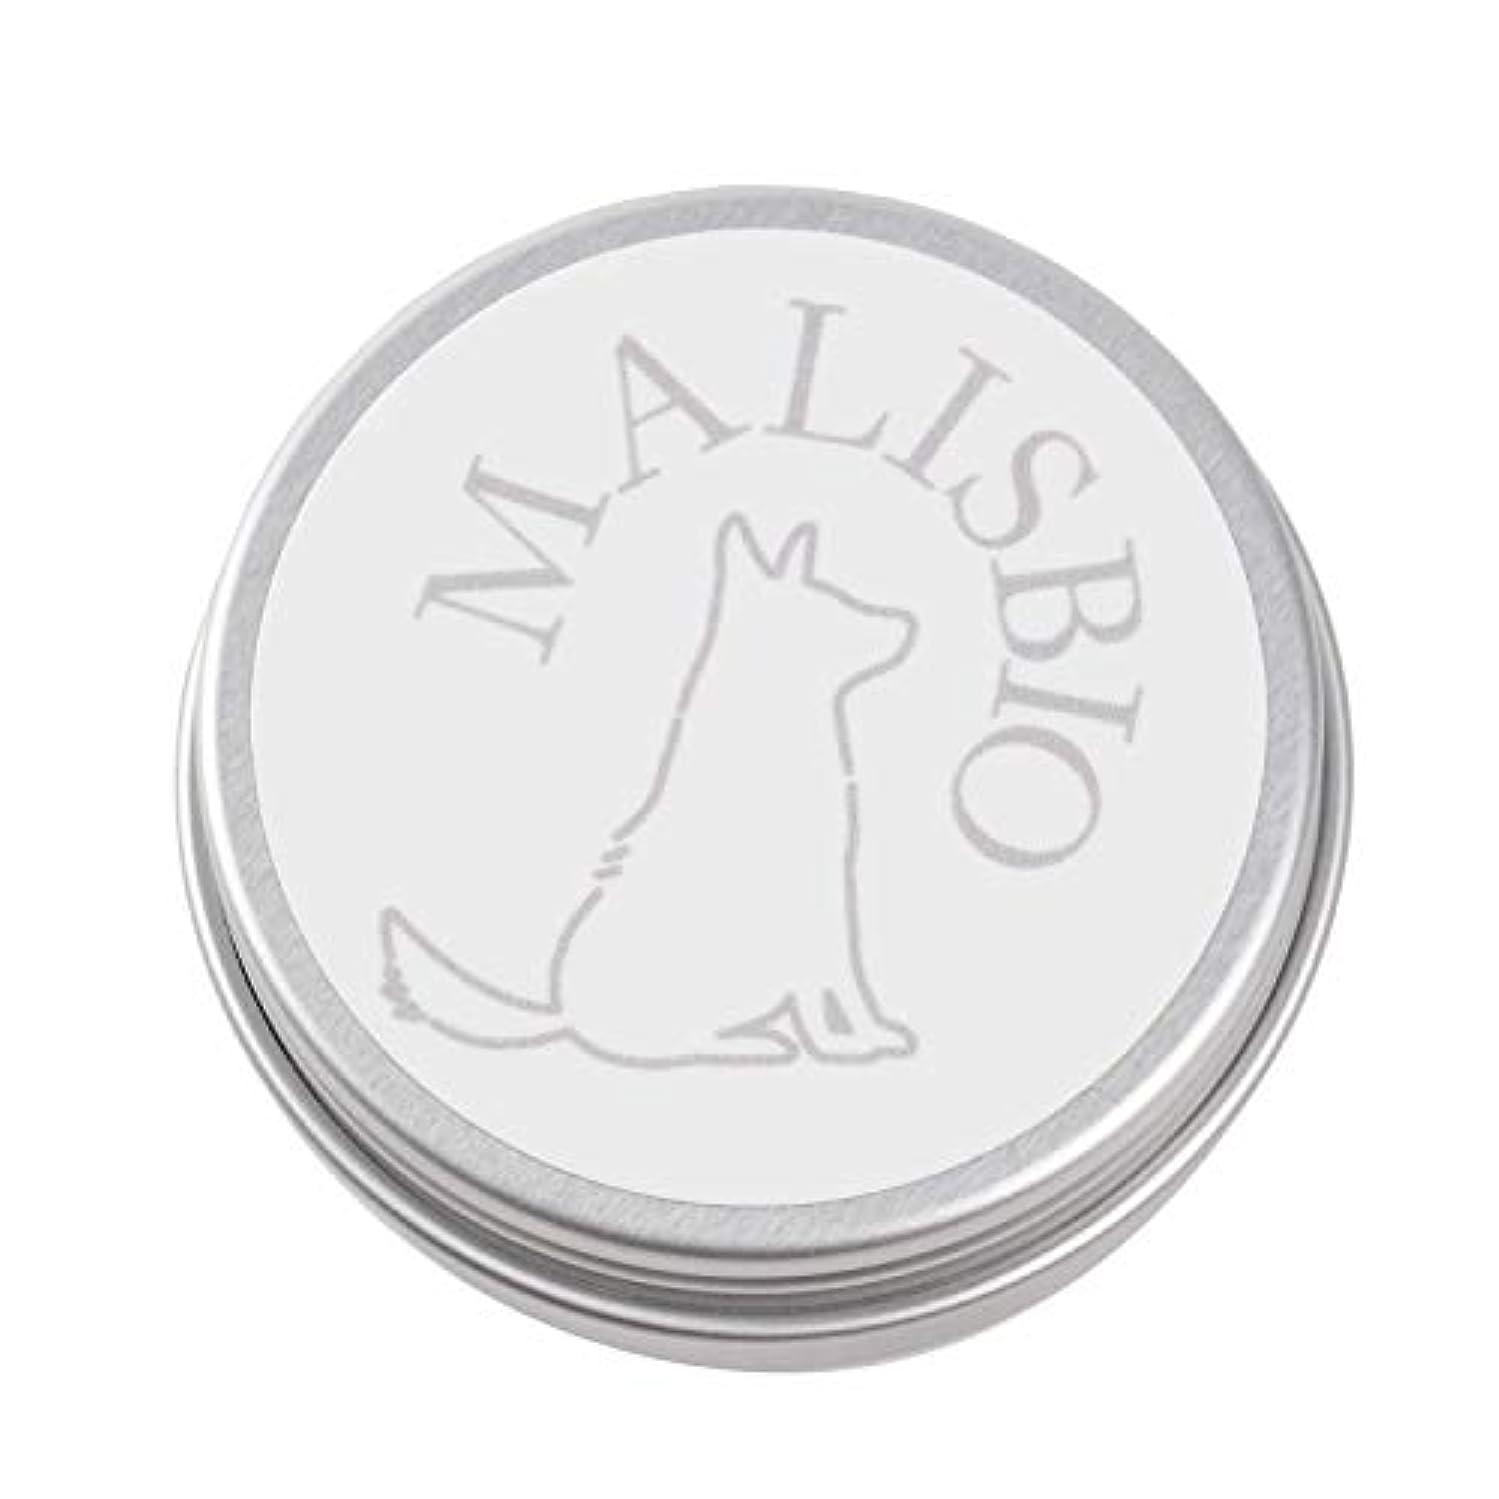 再生鬼ごっこカバー携帯ケース 20g MALIS マリス シアバター専用 <日本製> (20)